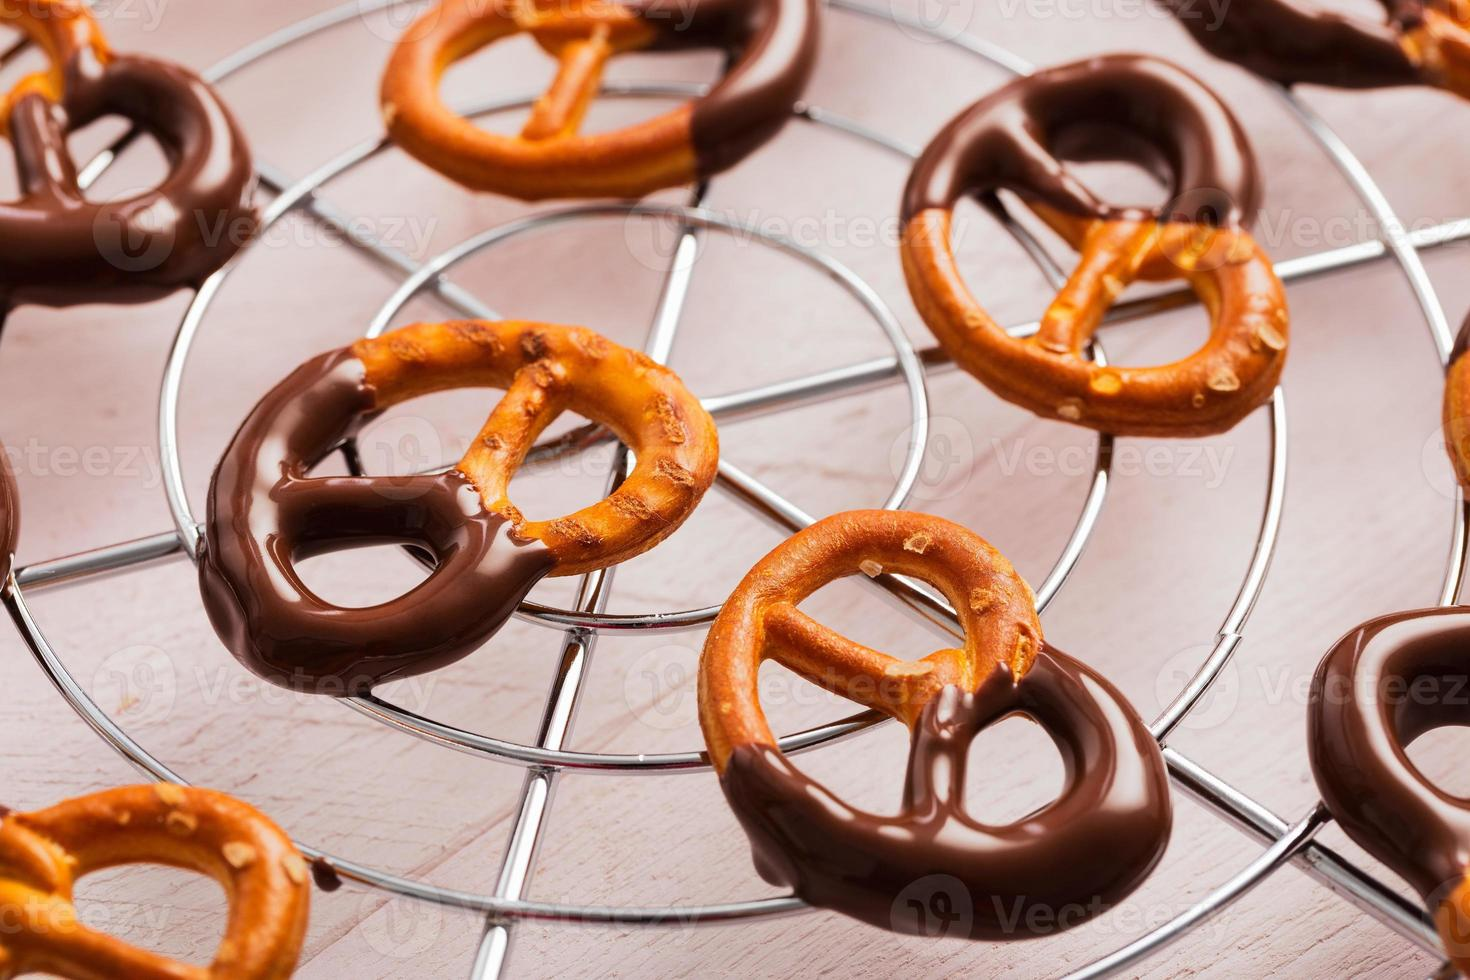 salatini ricoperti di cioccolato fondente foto